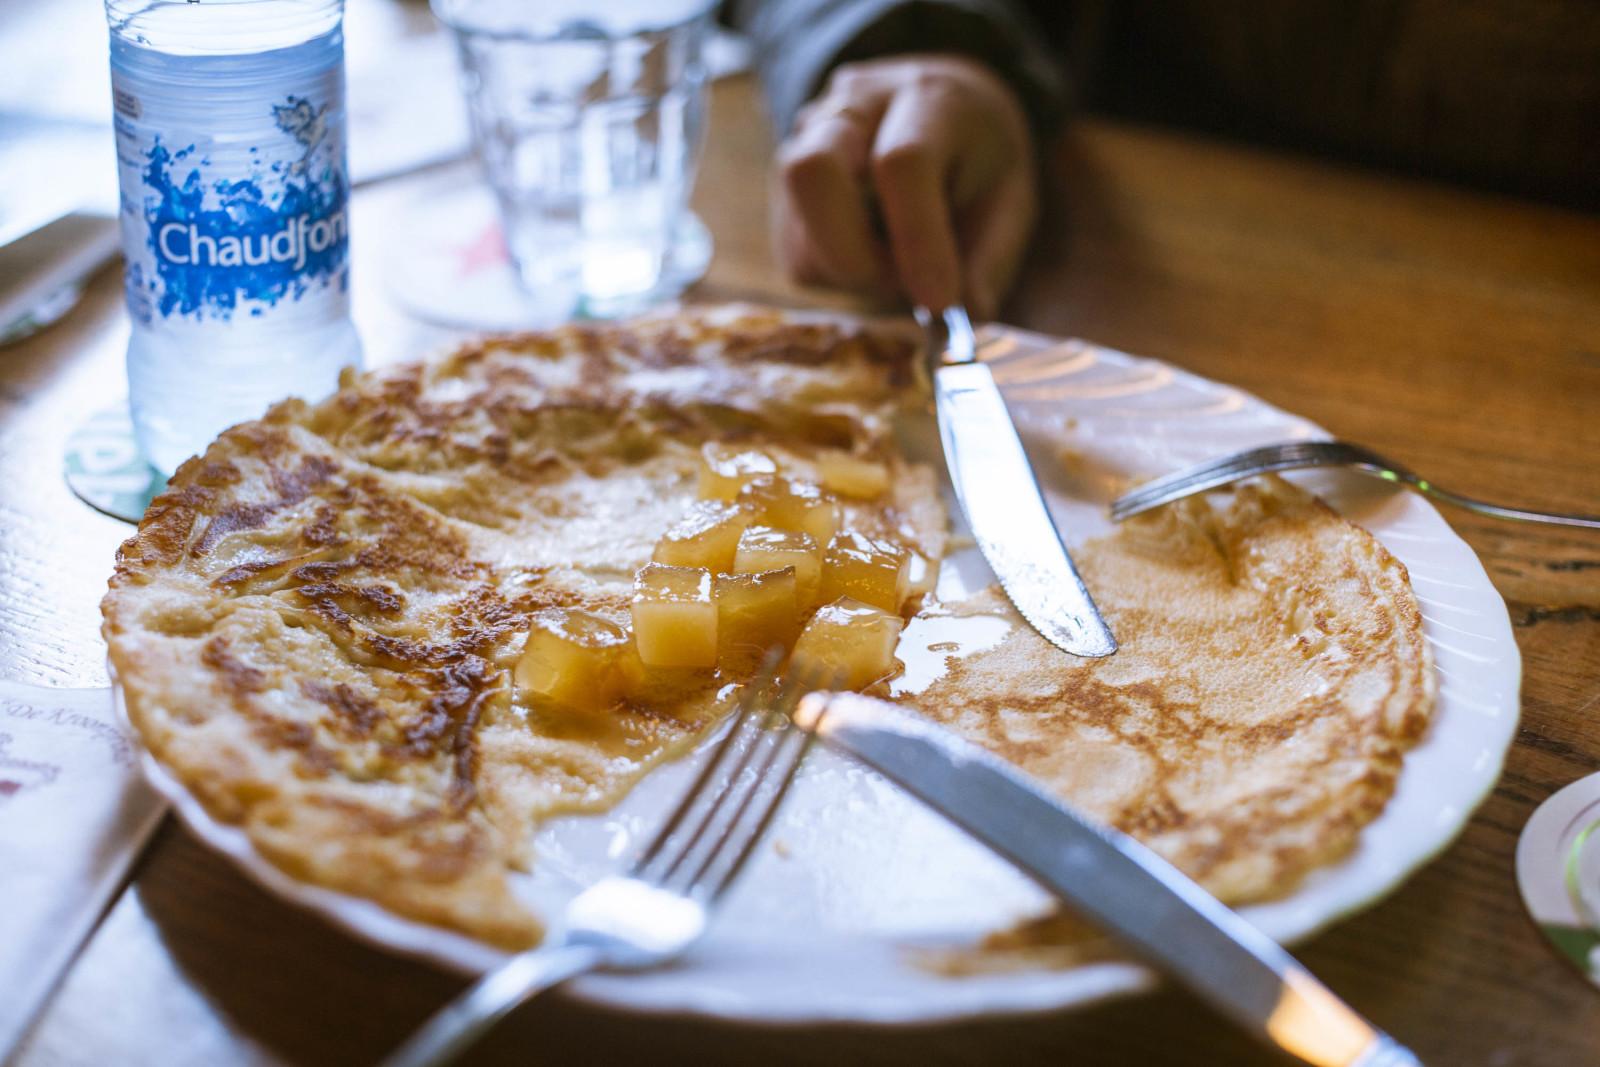 オランダのカフェの定番メニューの一つパンケーキ。シンプルさ、もオランダのよさだ。